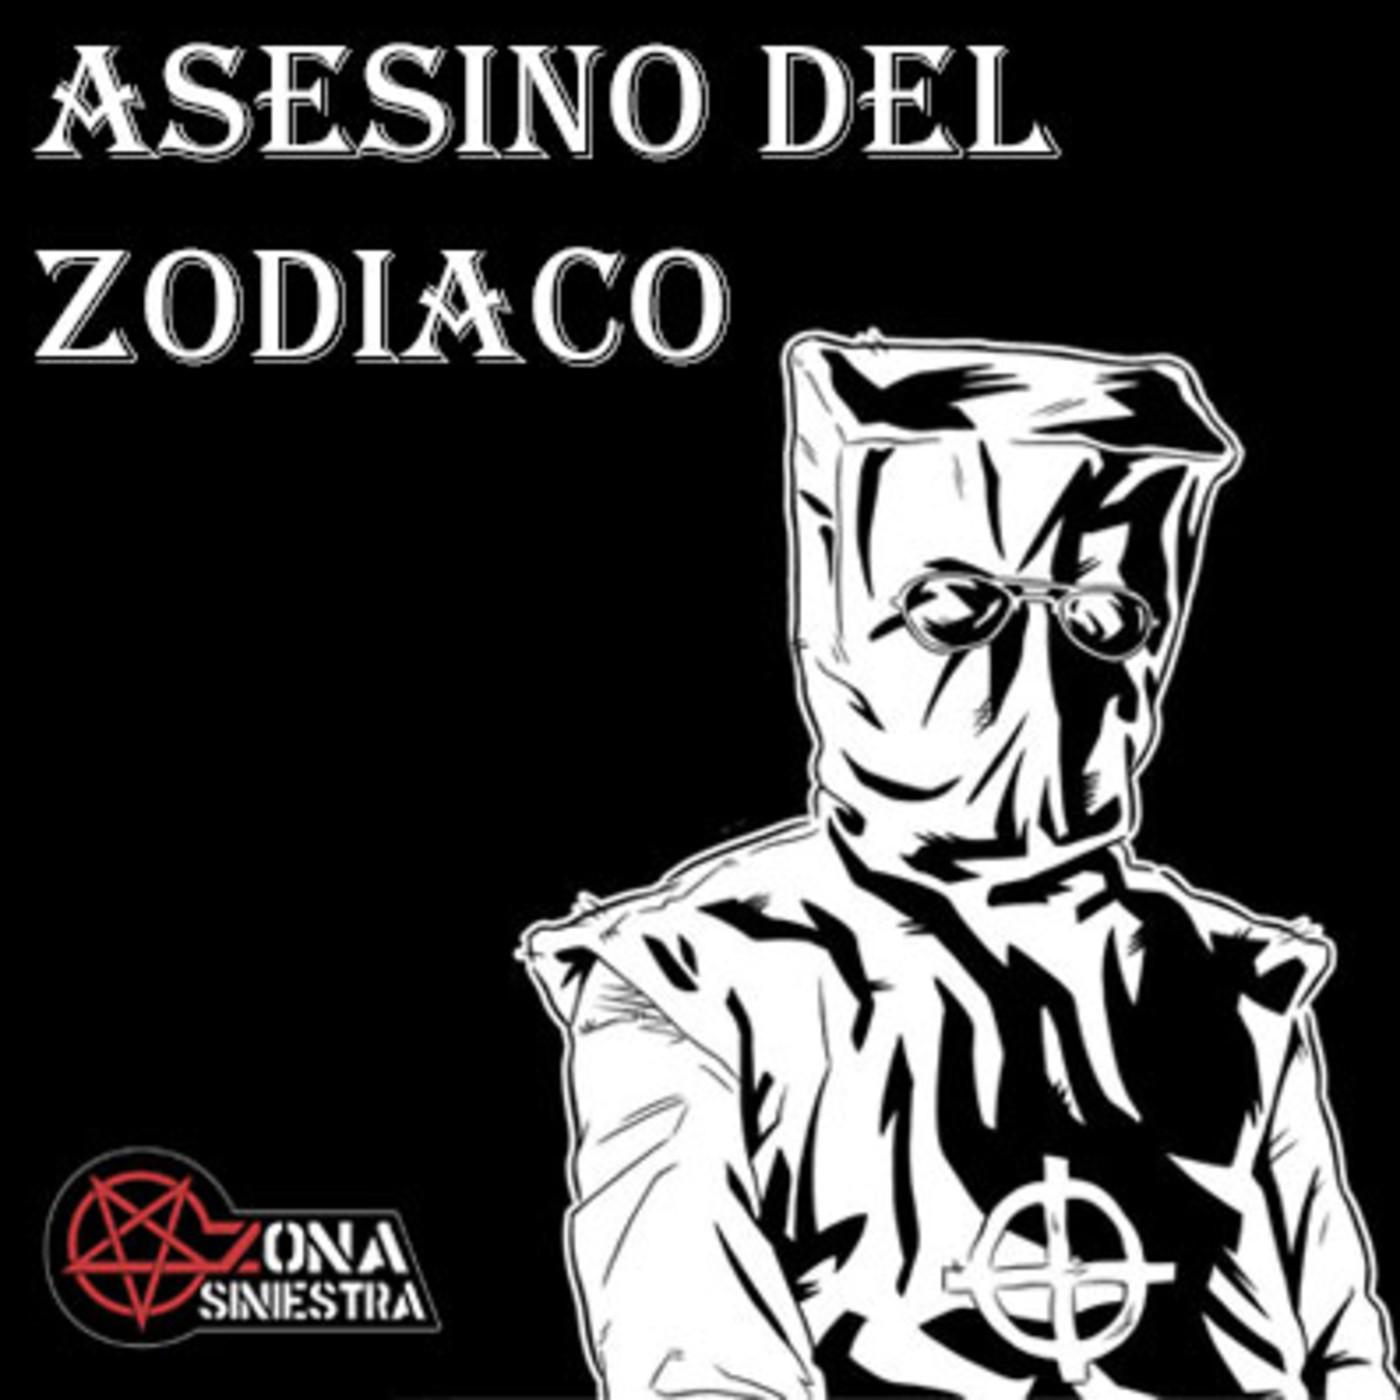 asesino del zodiaco online dating